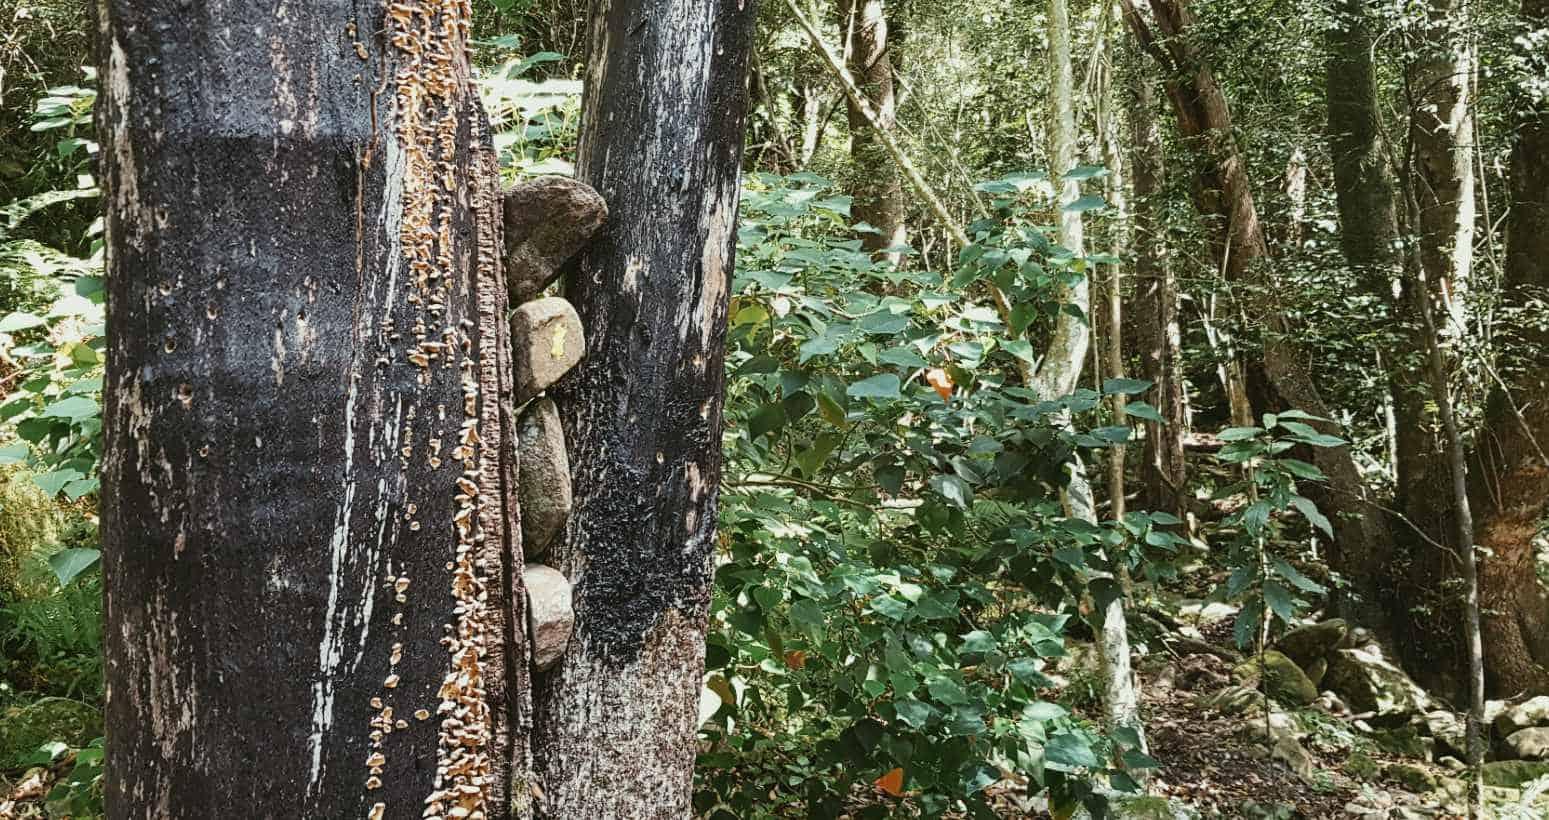 Sentier de la gorge sombre commencer le feu marqueur d'arbre endommagé